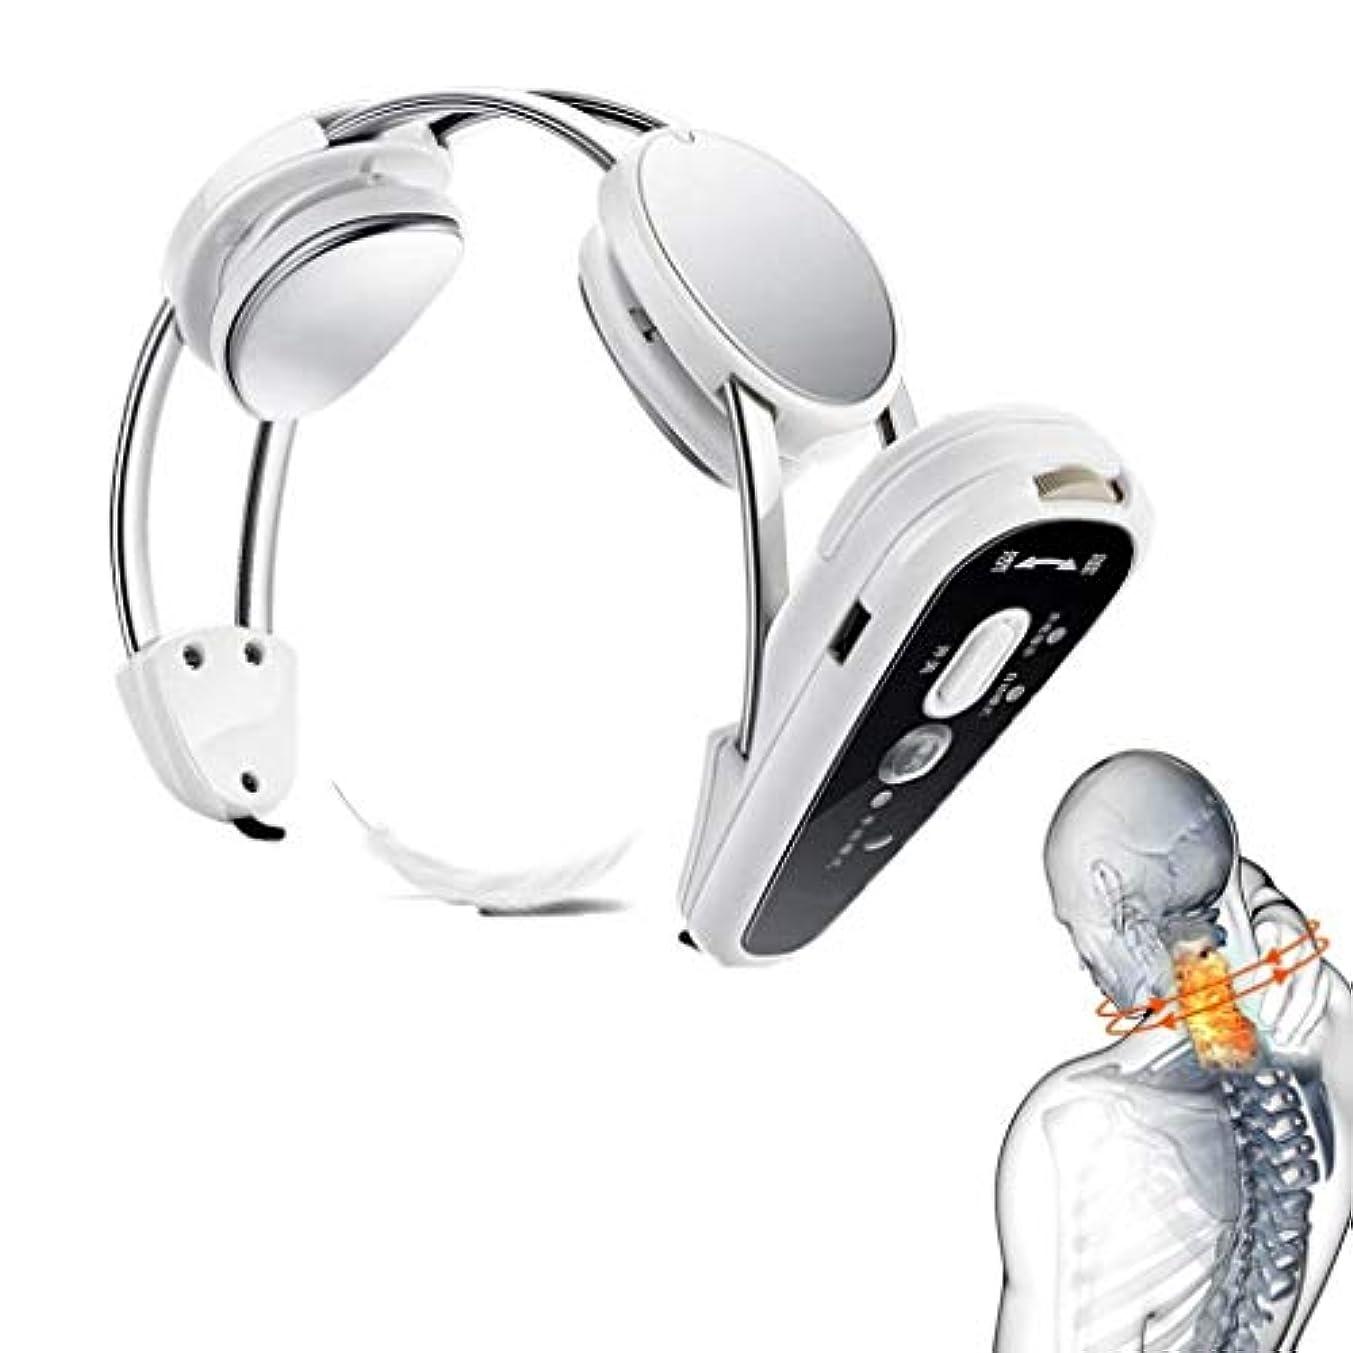 ベットフィットネス百年熱くするUSB??充満の電気首のマッサージャーは筋肉痛を取り除き、慢性的な首の苦痛を取り除きます、家、オフィス/車/家のポータブル